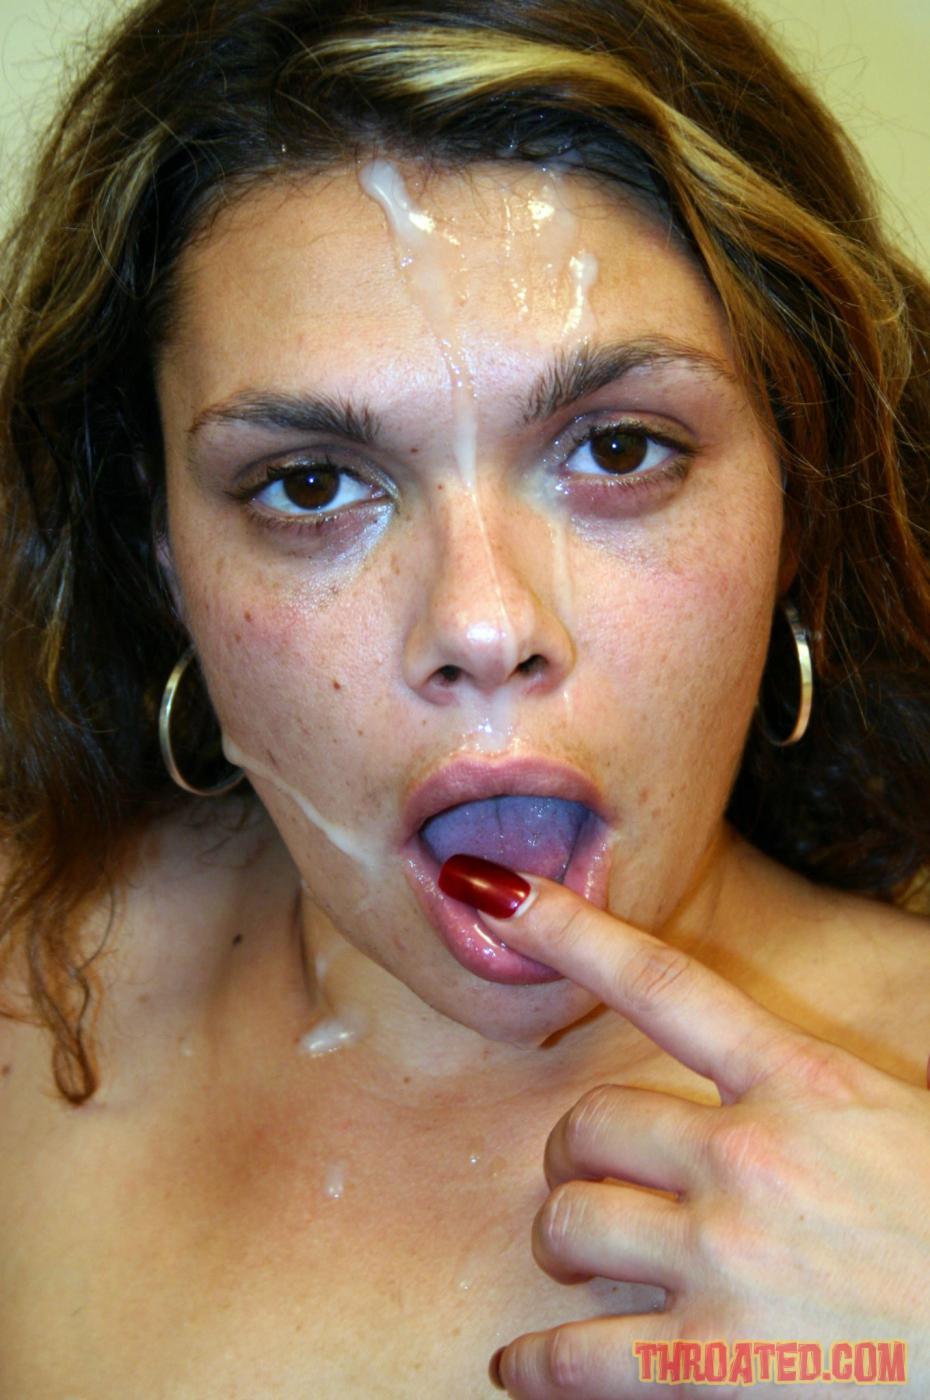 Isabella Stanza подставила лицо под фонтаны спермы после глубокой работы ртом и растопыривает свои ноги. Порно фонтаны спермы.